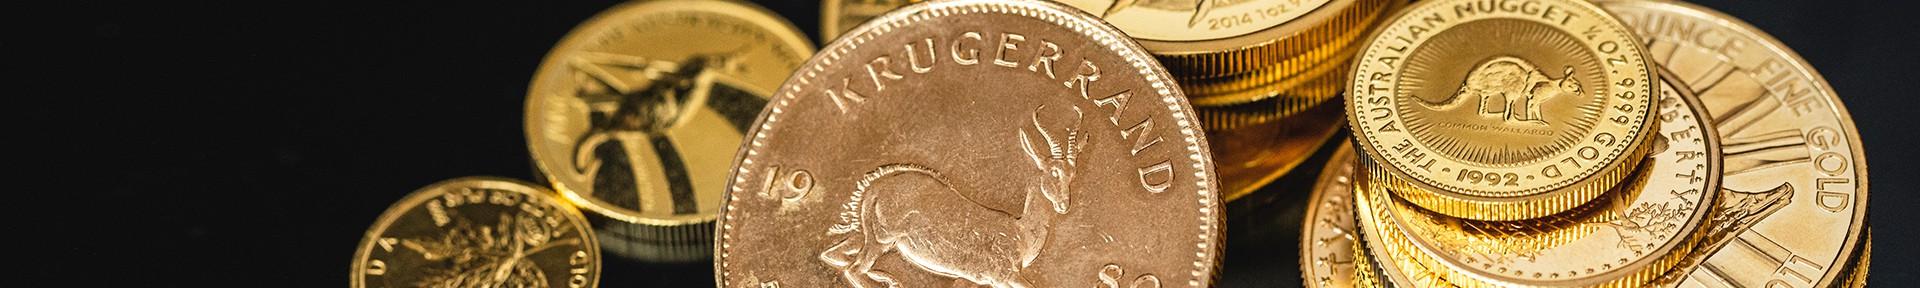 Koop uw gouden munten gemakkelijk en snel online bij Goudwisselkantoor